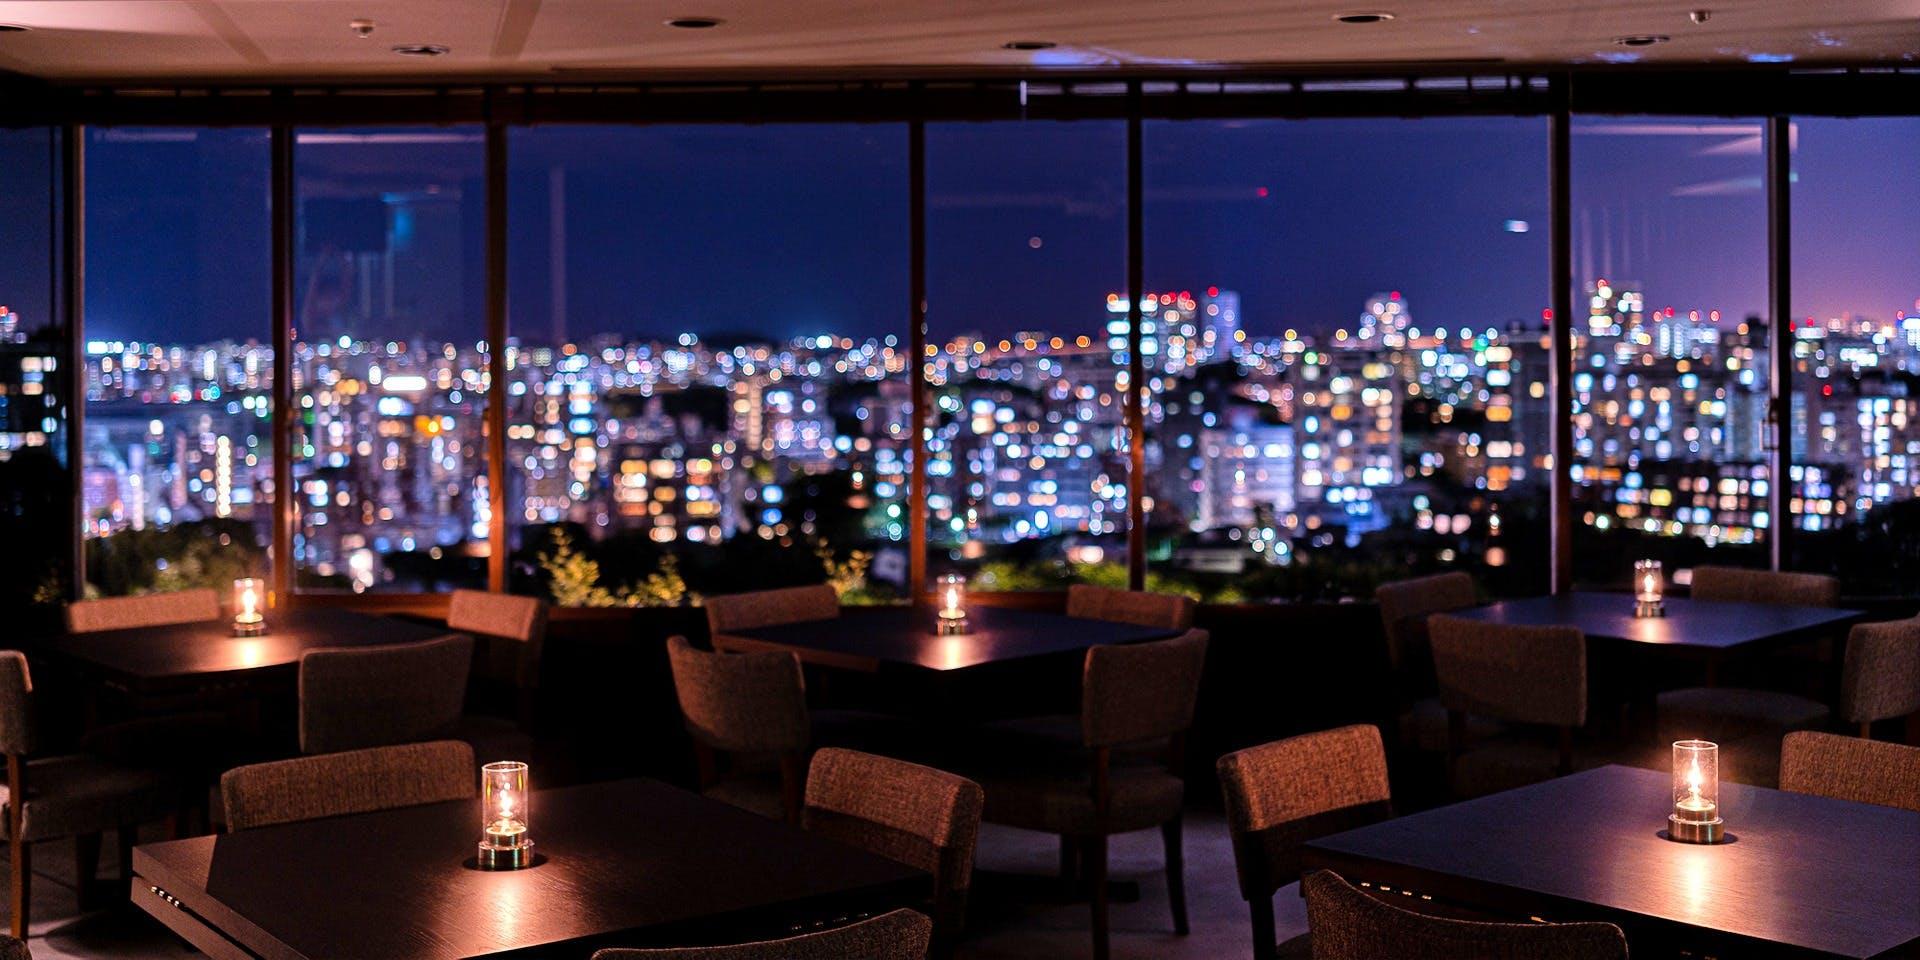 記念日におすすめのレストラン・メインダイニング カバーナ/アゴーラ福岡山の上ホテル&スパの写真2